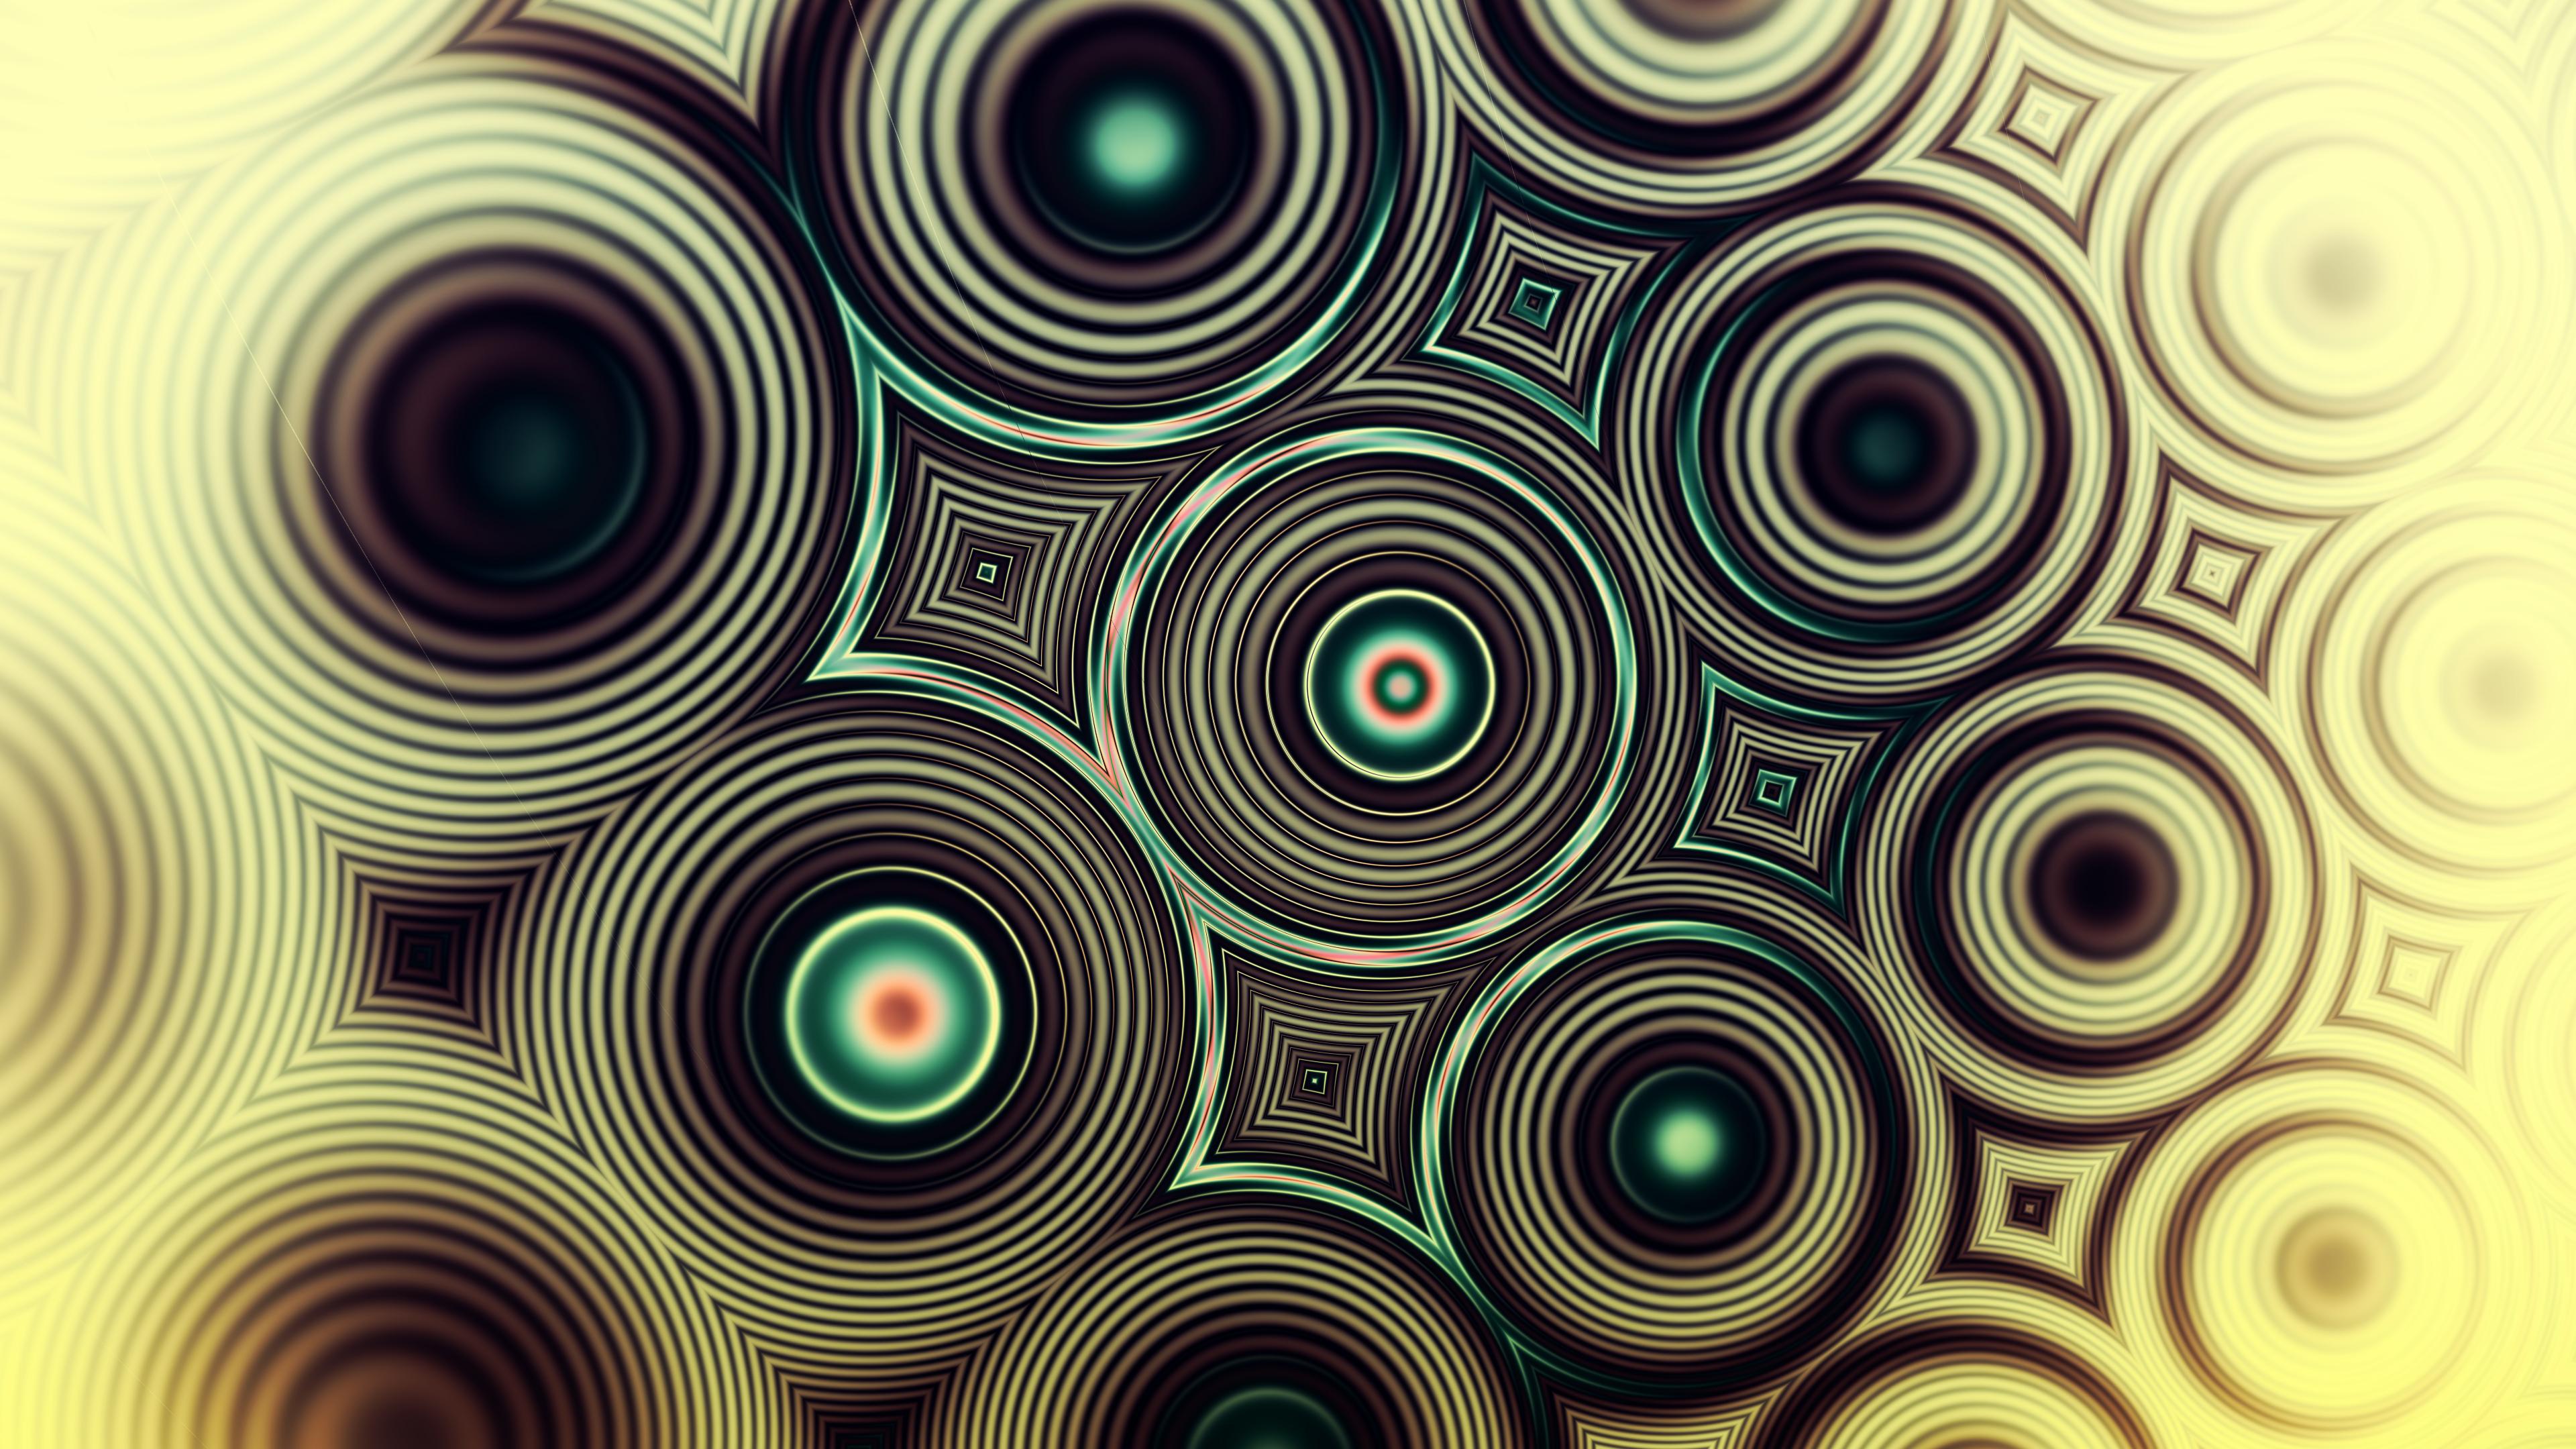 Фоновый рисунок Коричневые круги с золотым оттенком  и зелеными узорами